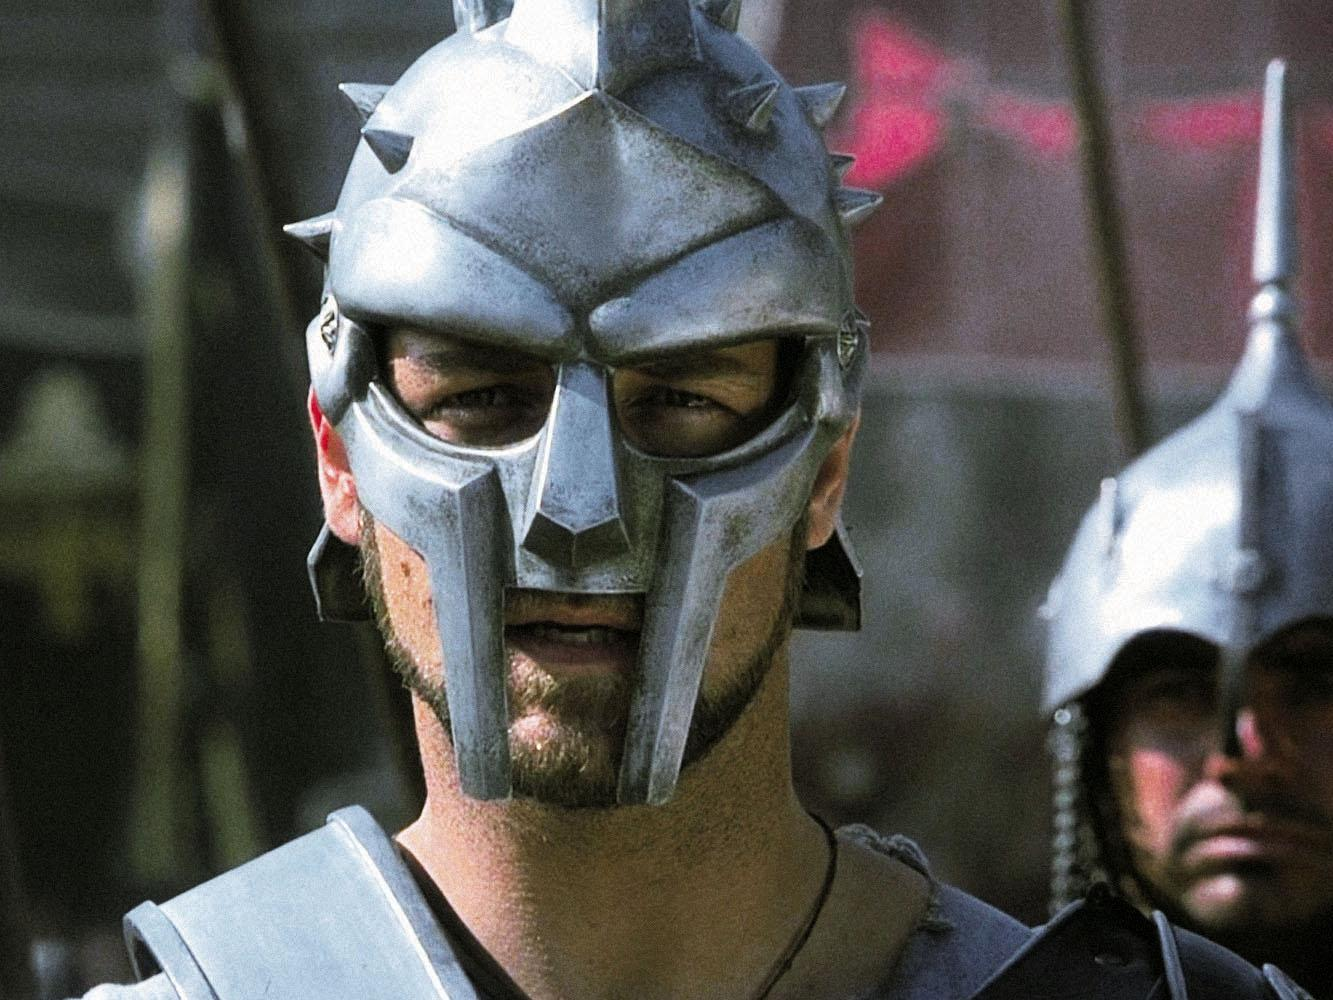 Lekcie Mužnosti od Gladiátora Maximus Decimus Meridius